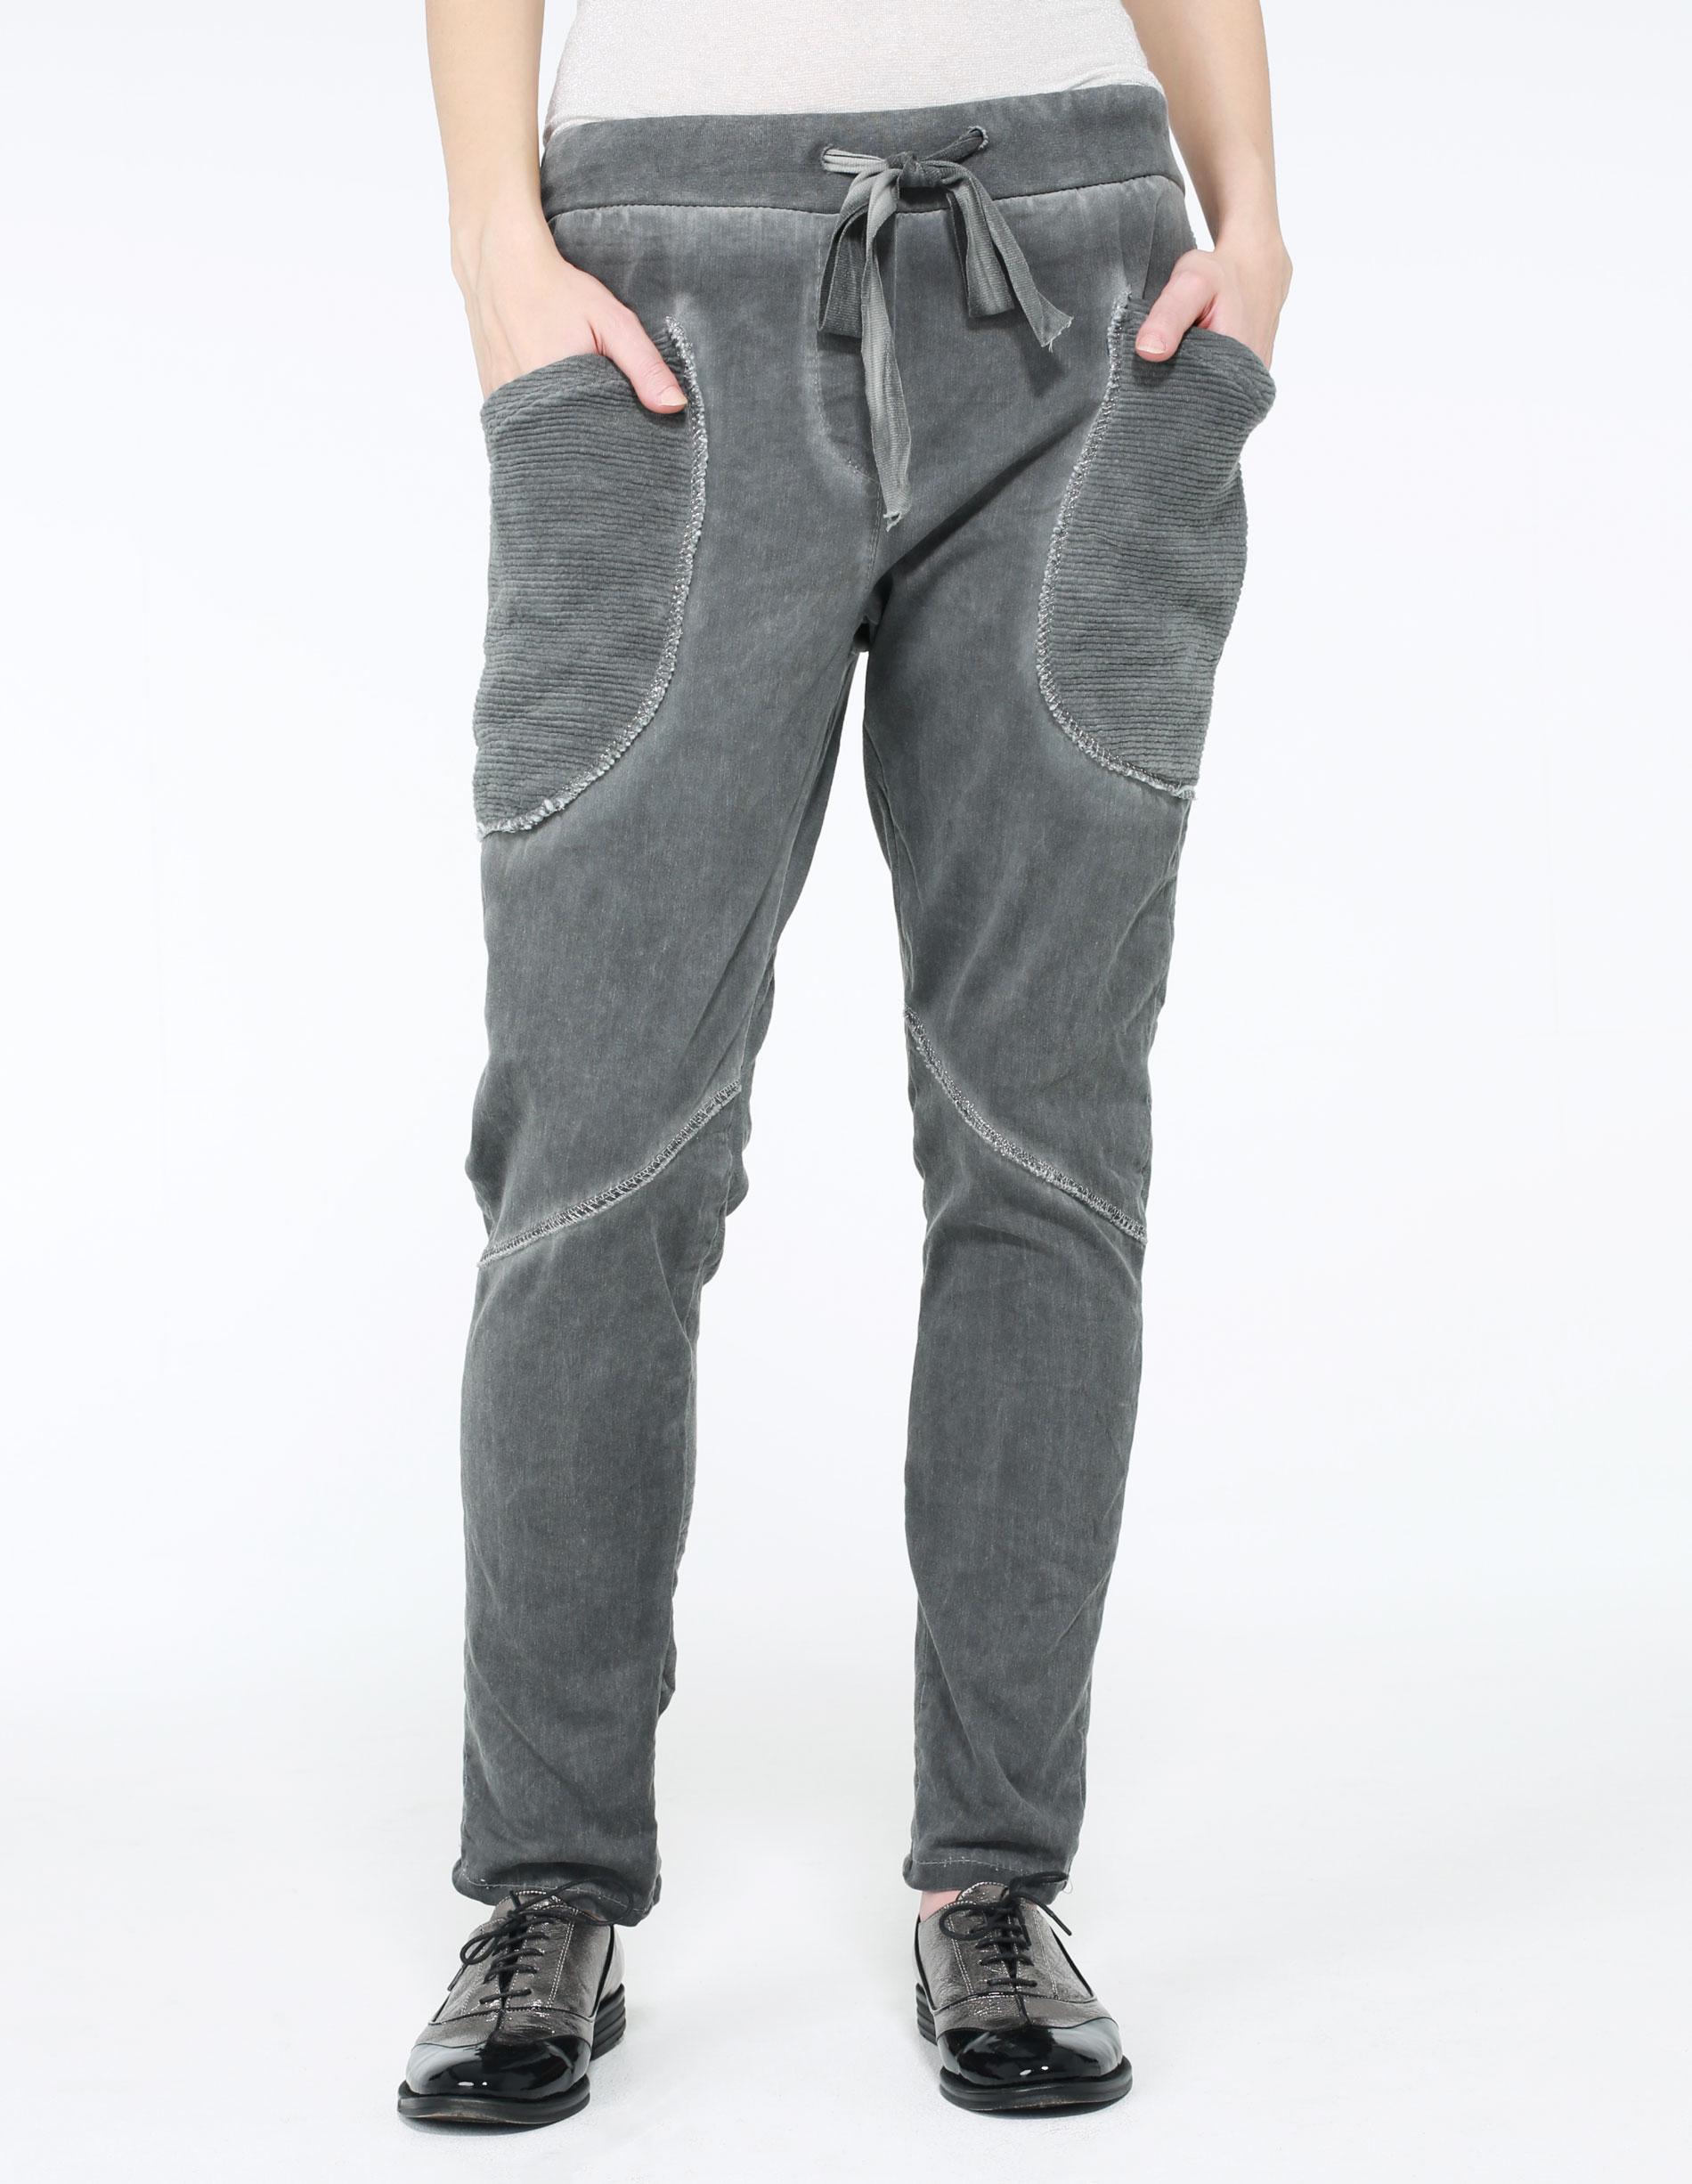 Spodnie - 141-1770 GRSC - Unisono